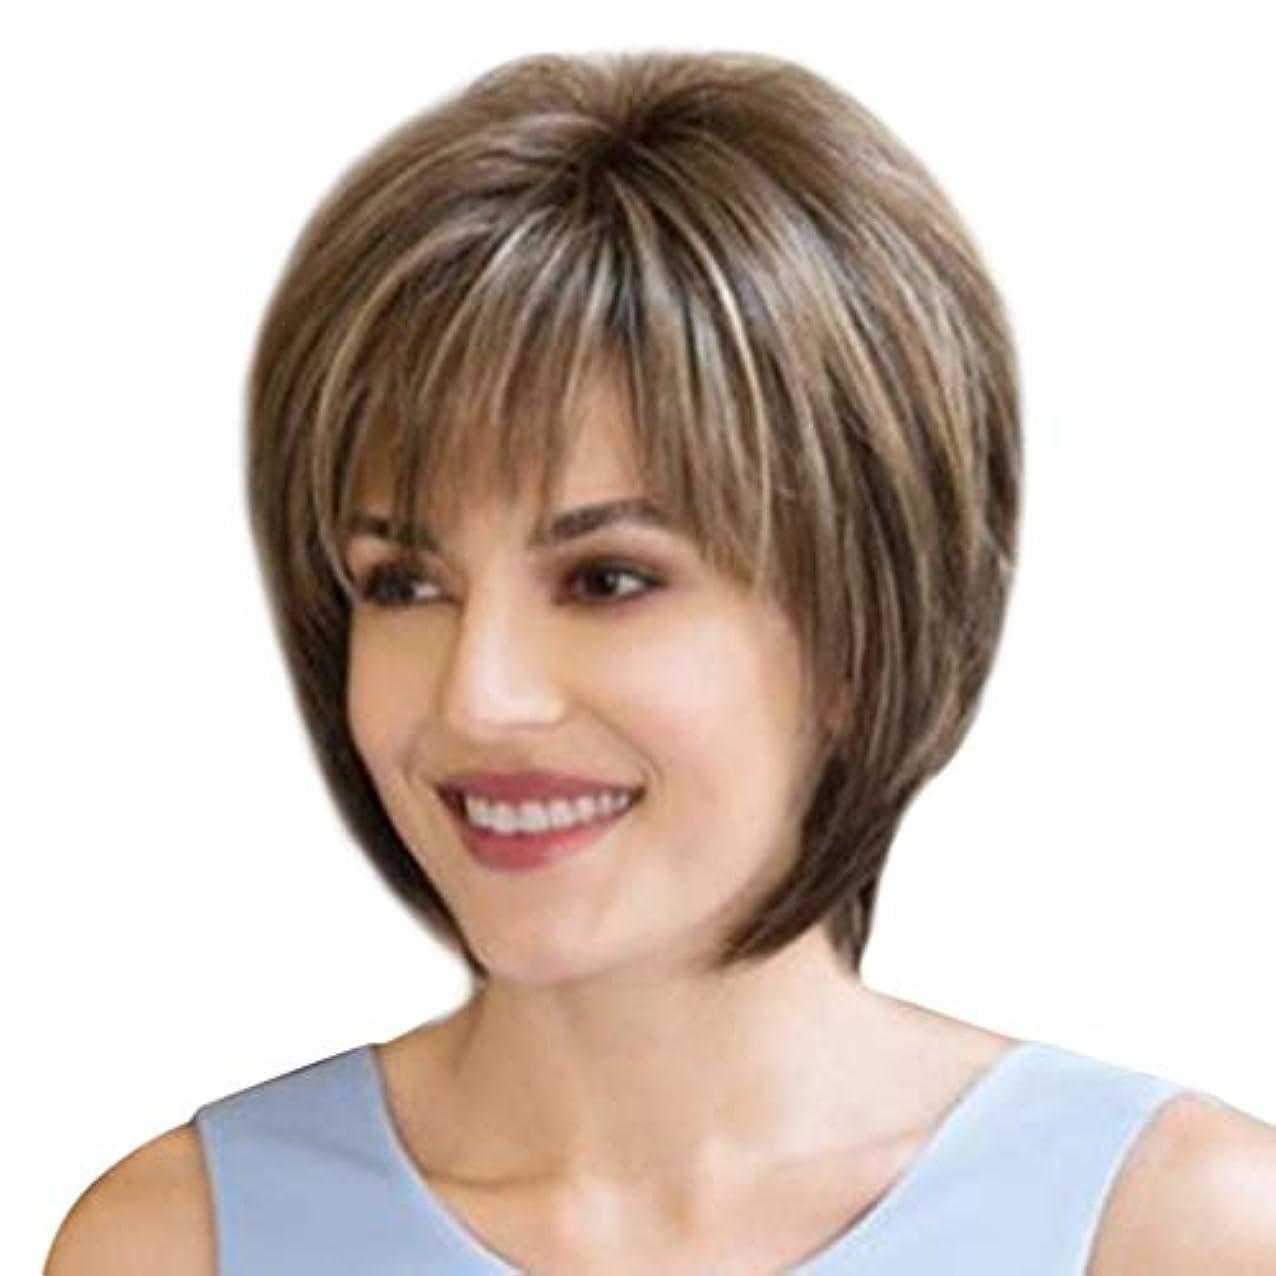 どれ厚いビートCinhent 8インチファッション合成ストレートショートレディースウィッグふわふわ染色天然のリアルな髪の毛のかつら女性のファイバー